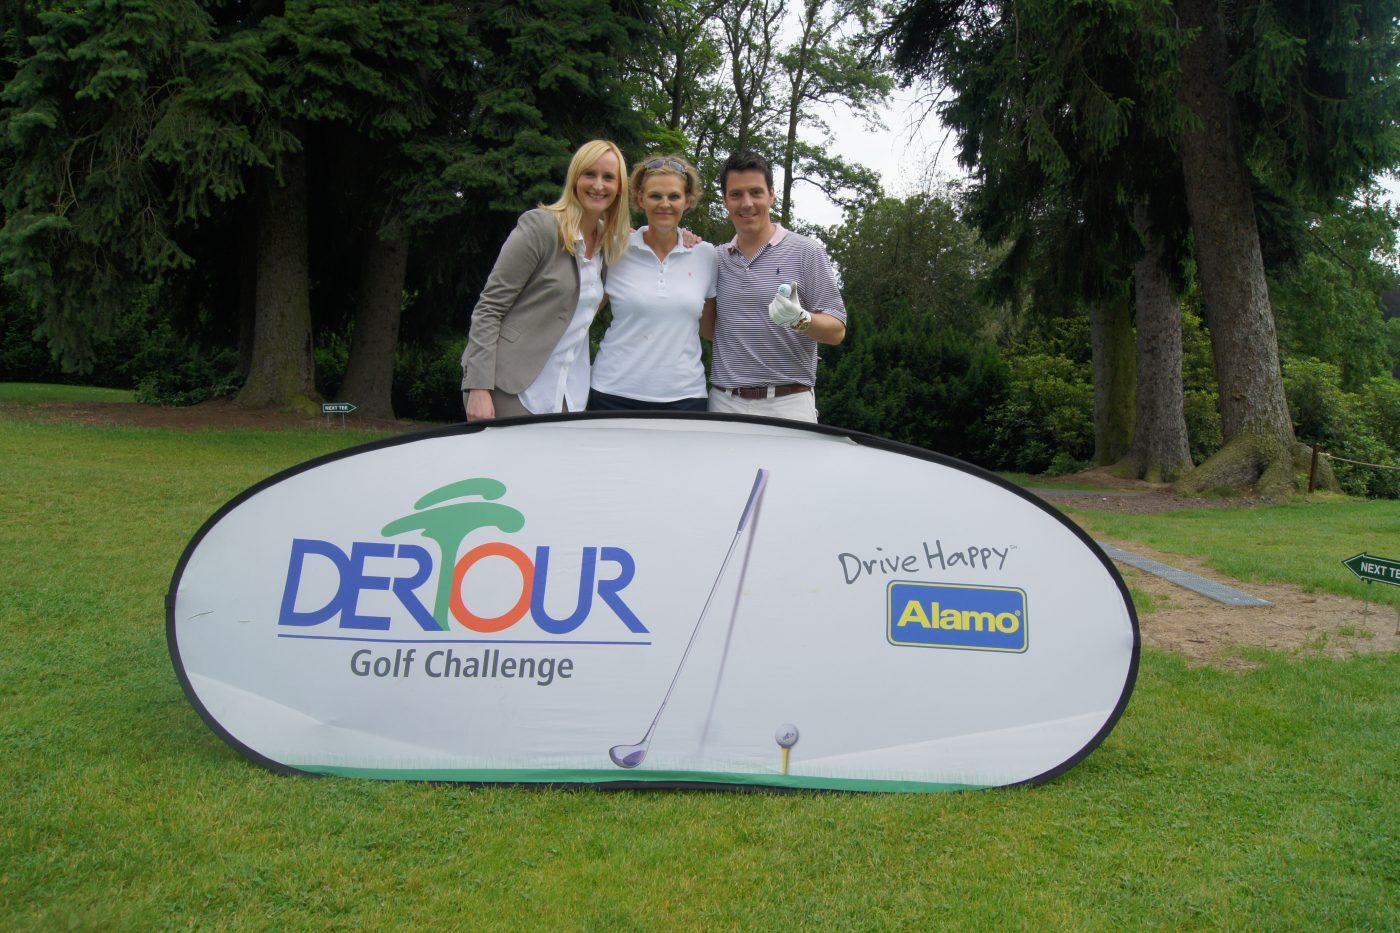 DERTOUR Golf Challenge